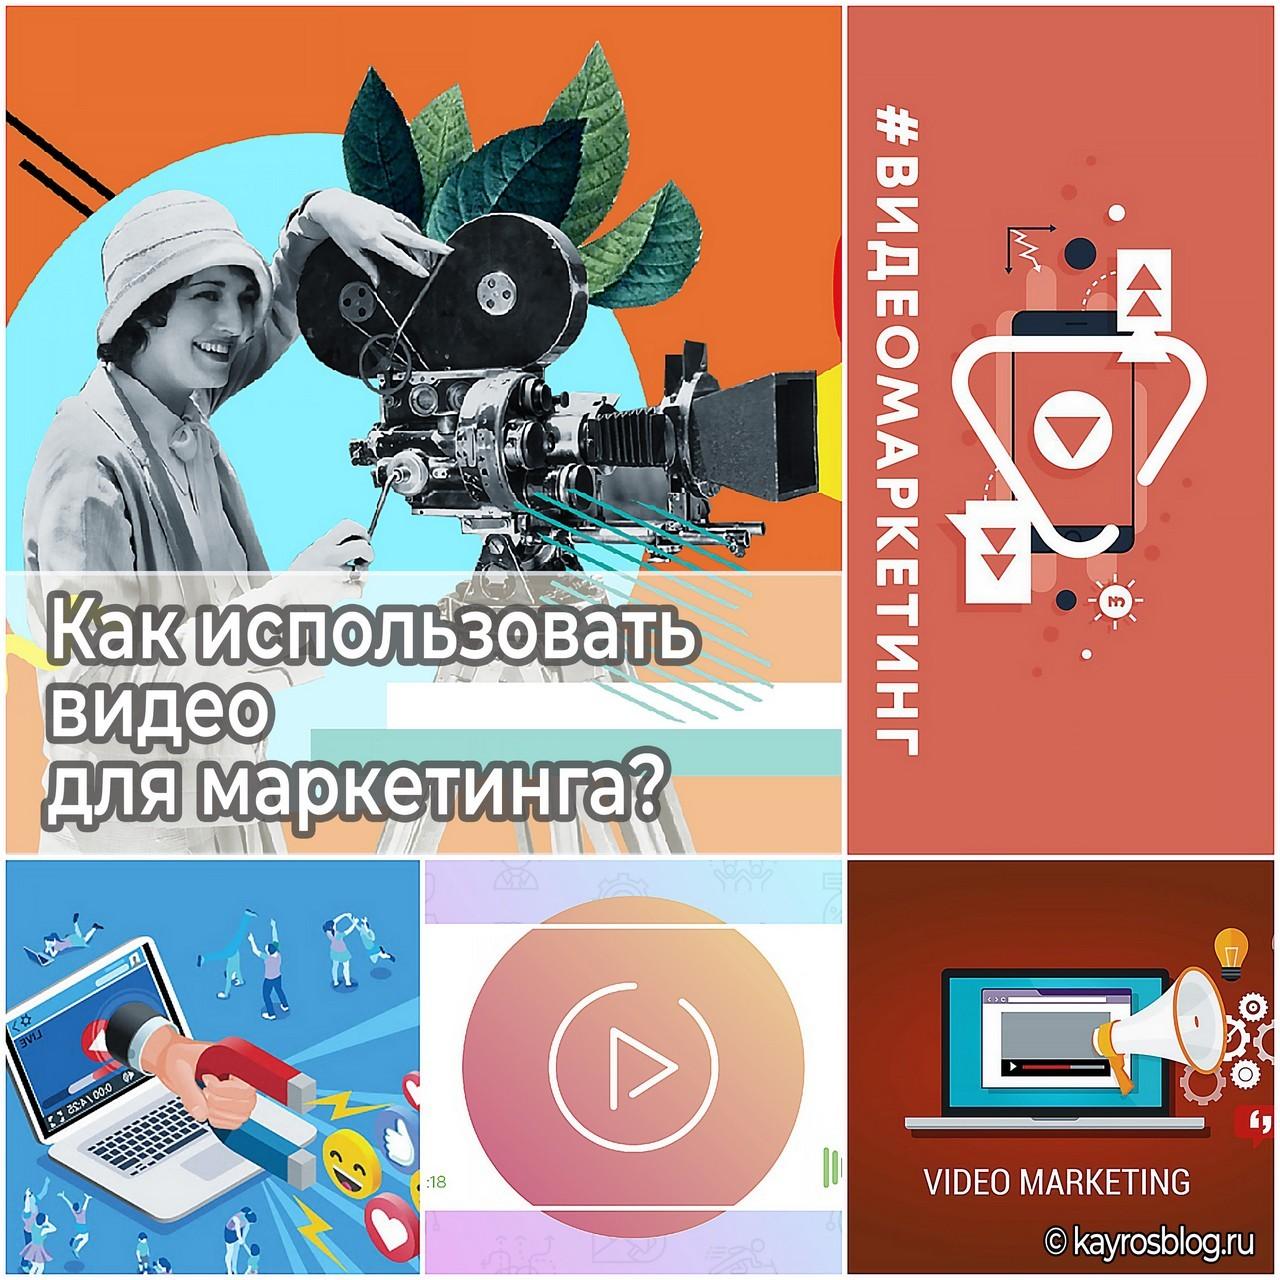 Как использовать видео для маркетинга